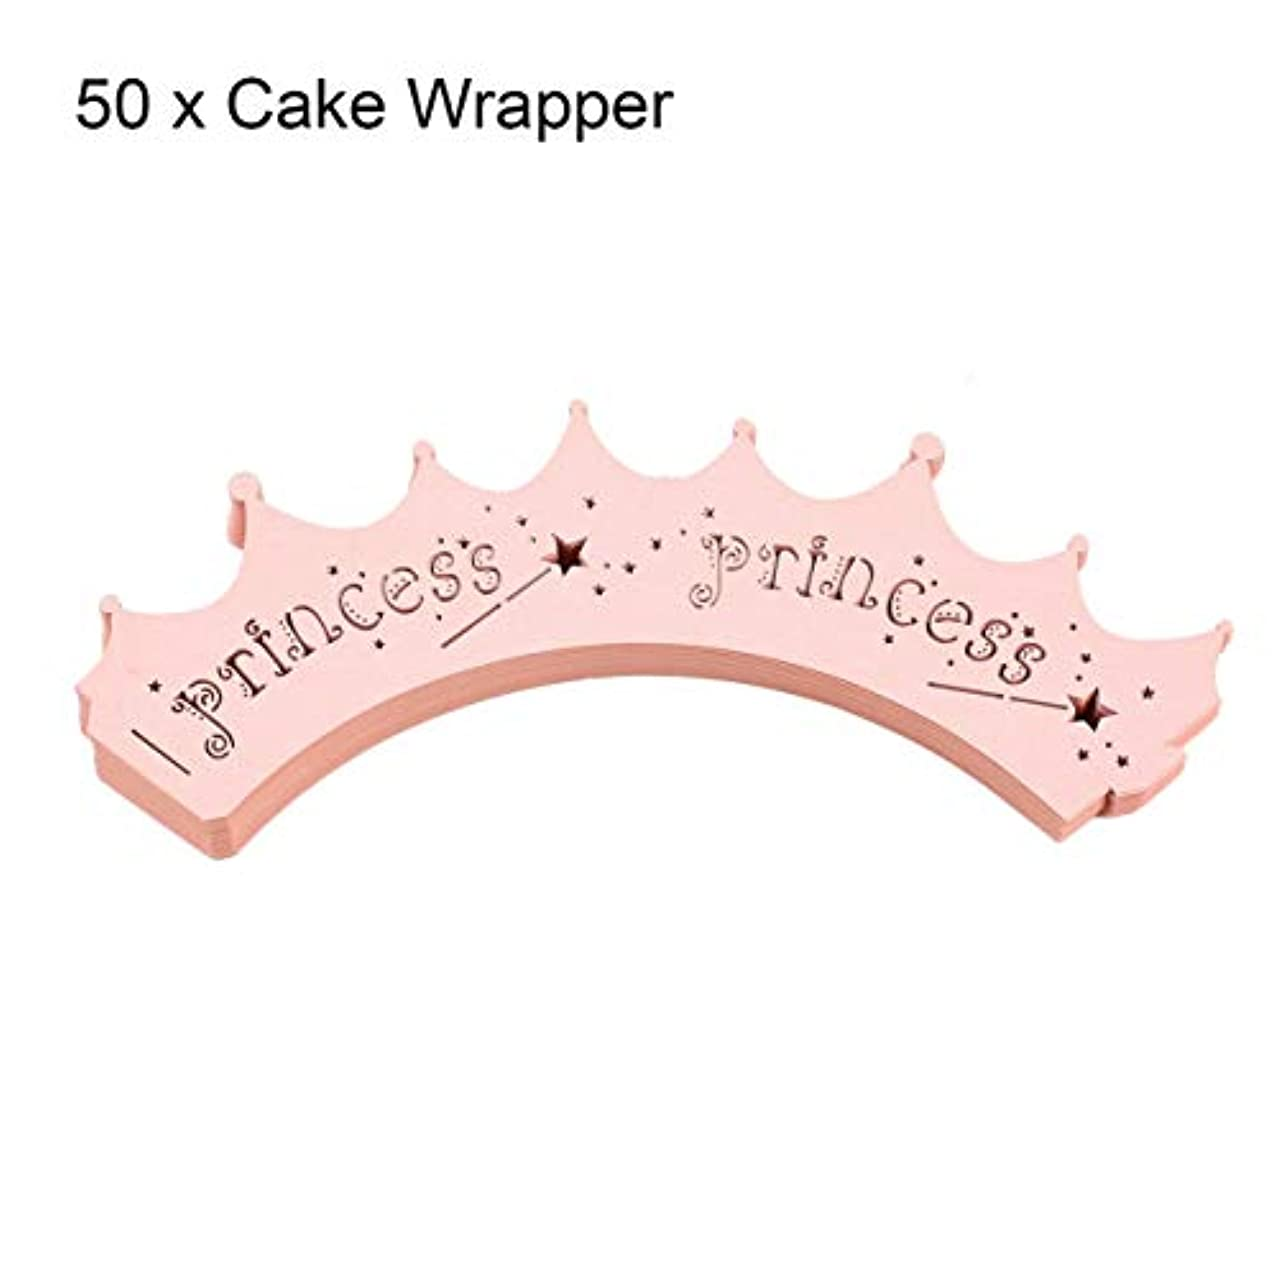 気を散らす不透明なフェデレーションSaikogoods 50個のレーザーカットカップケーキラッパー クラウン形状 マフィンケース ケーキ紙コップライナー 赤ちゃんプリンセス 誕生日パーティーの装飾 ピンク